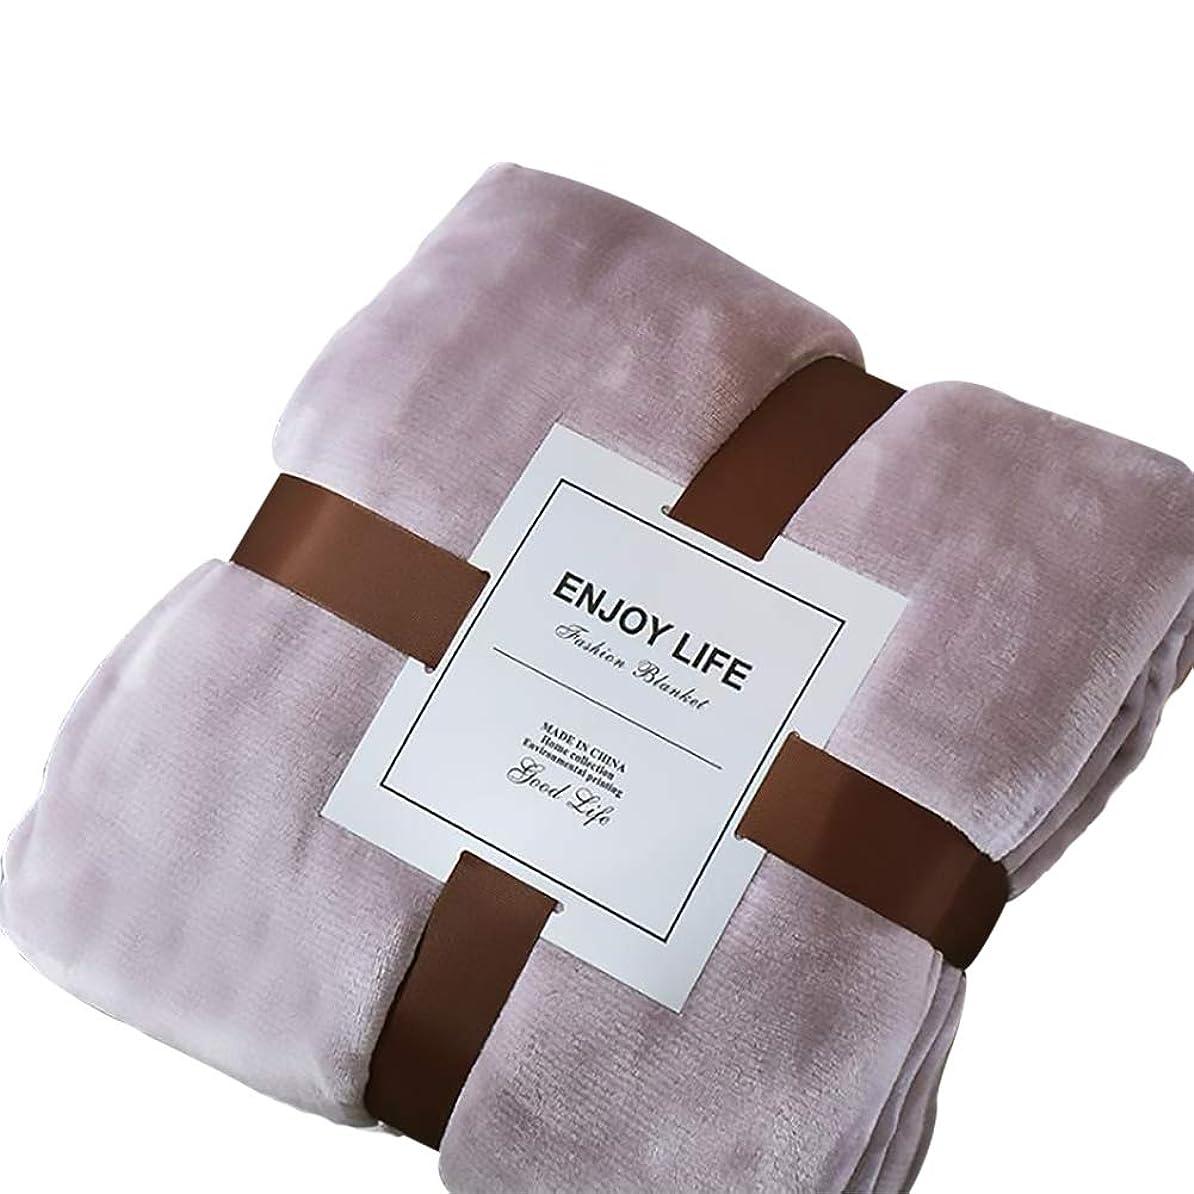 次へ爆発物ベールSept.Filles 毛布 ブランケット フランネル 掛け毛布 薄手 夏用 マイクロファイバー ふわふわ 柔らかい 軽くて暖かい 洗える 静電防止 (パープル)